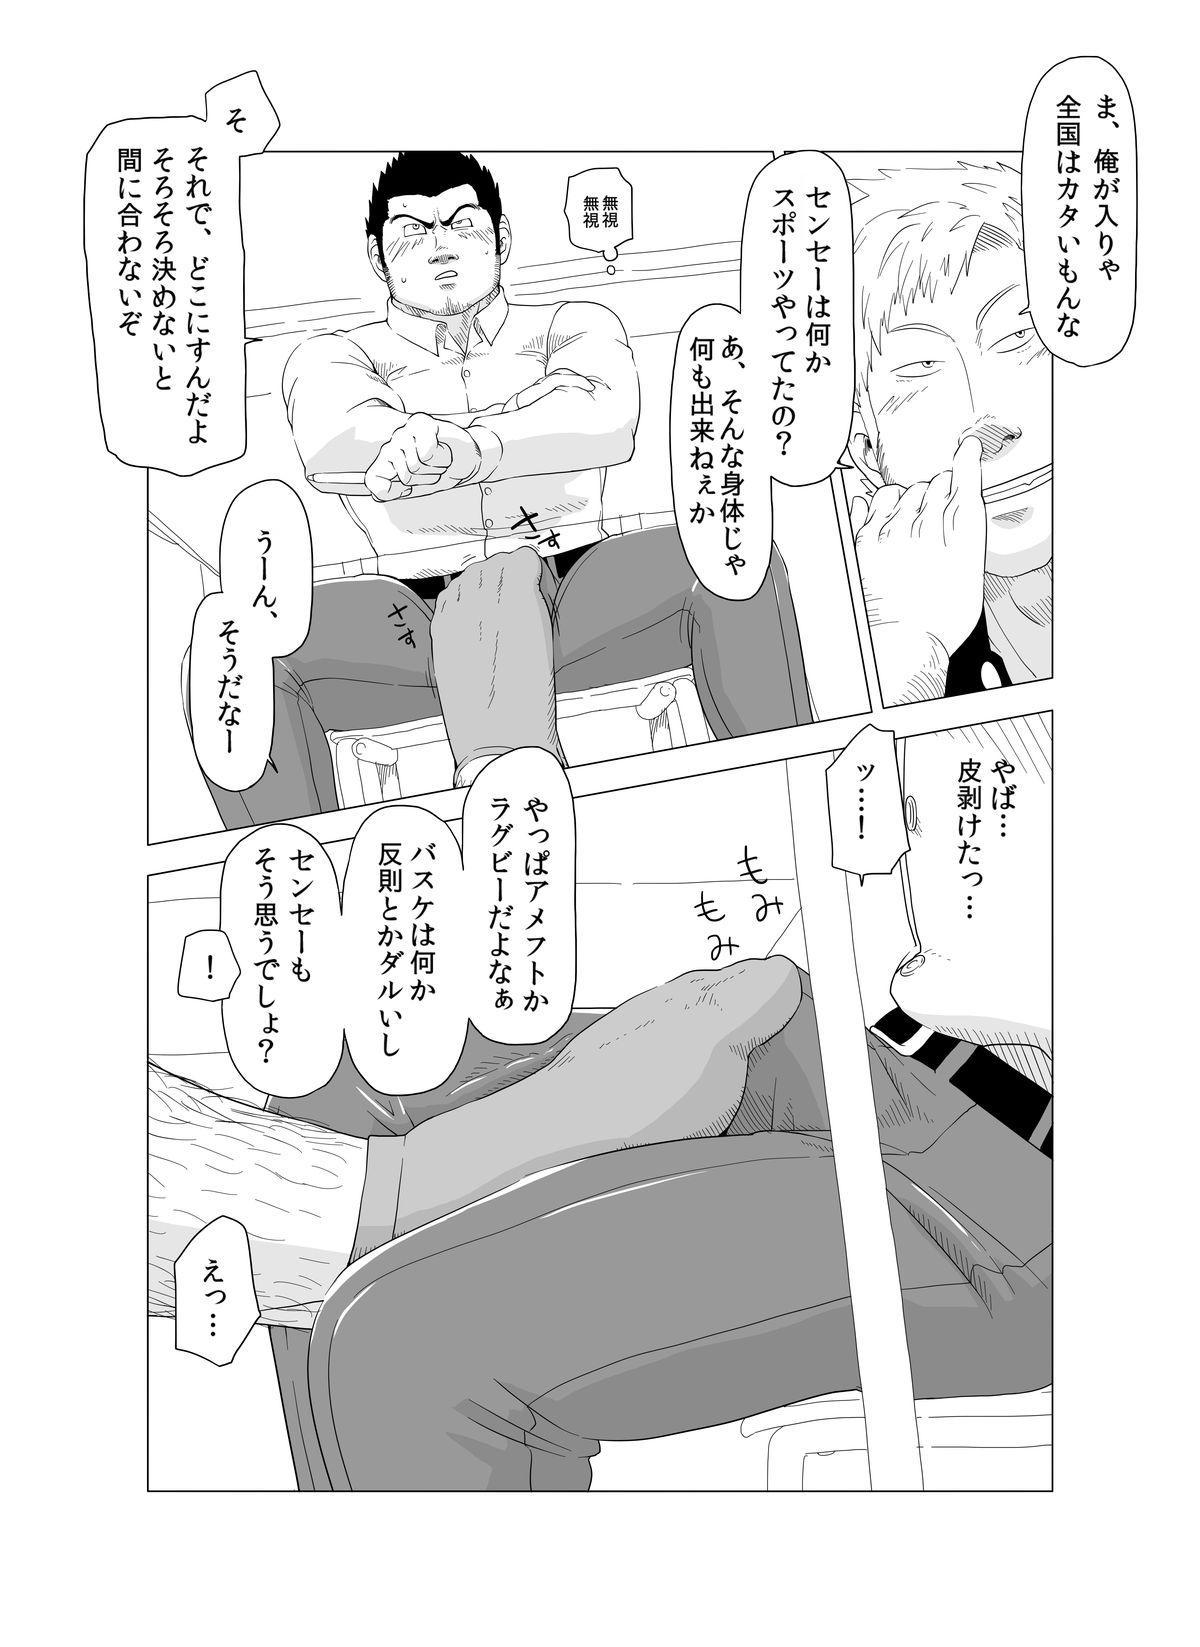 Deka Seito to Chibi Sensei 9